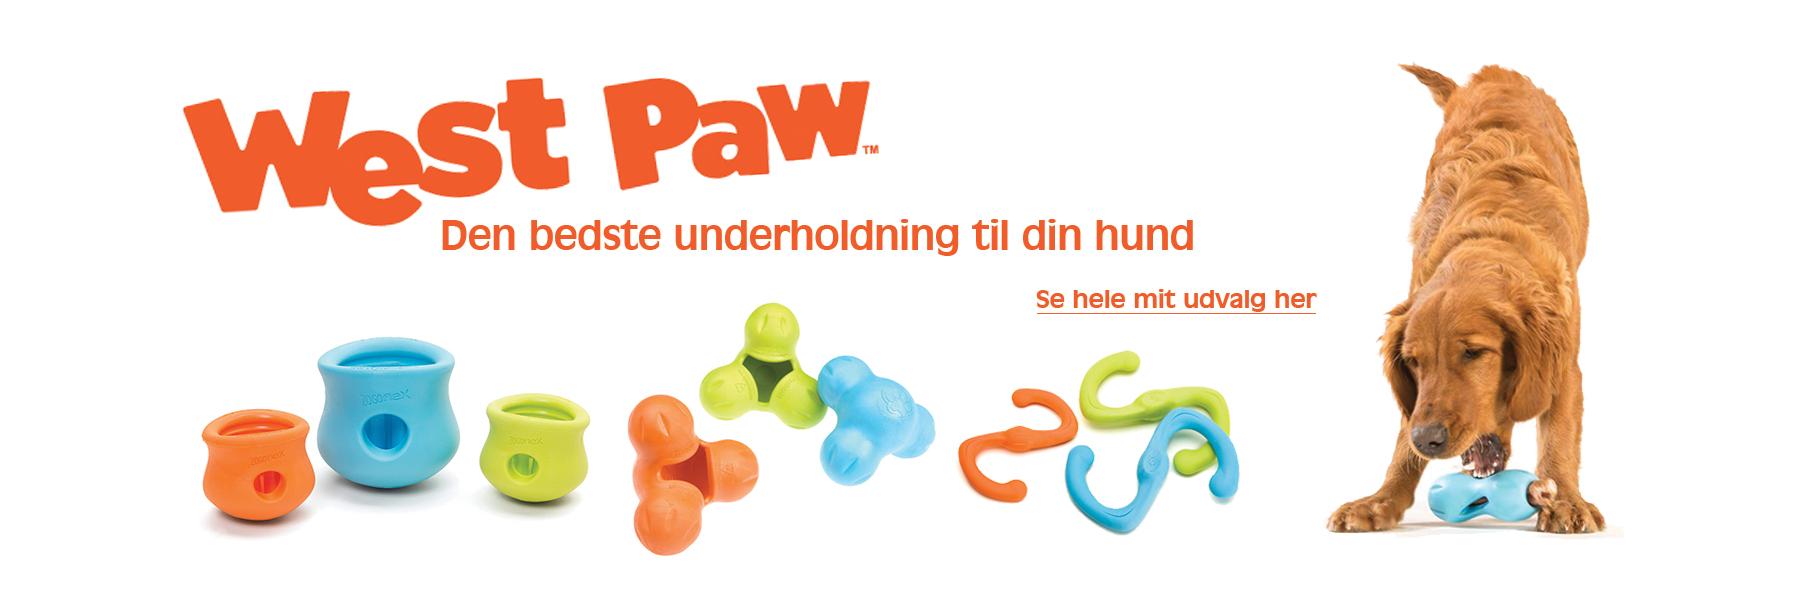 Hundelegetøj fra West paw - det bedste lejetøj til din hund